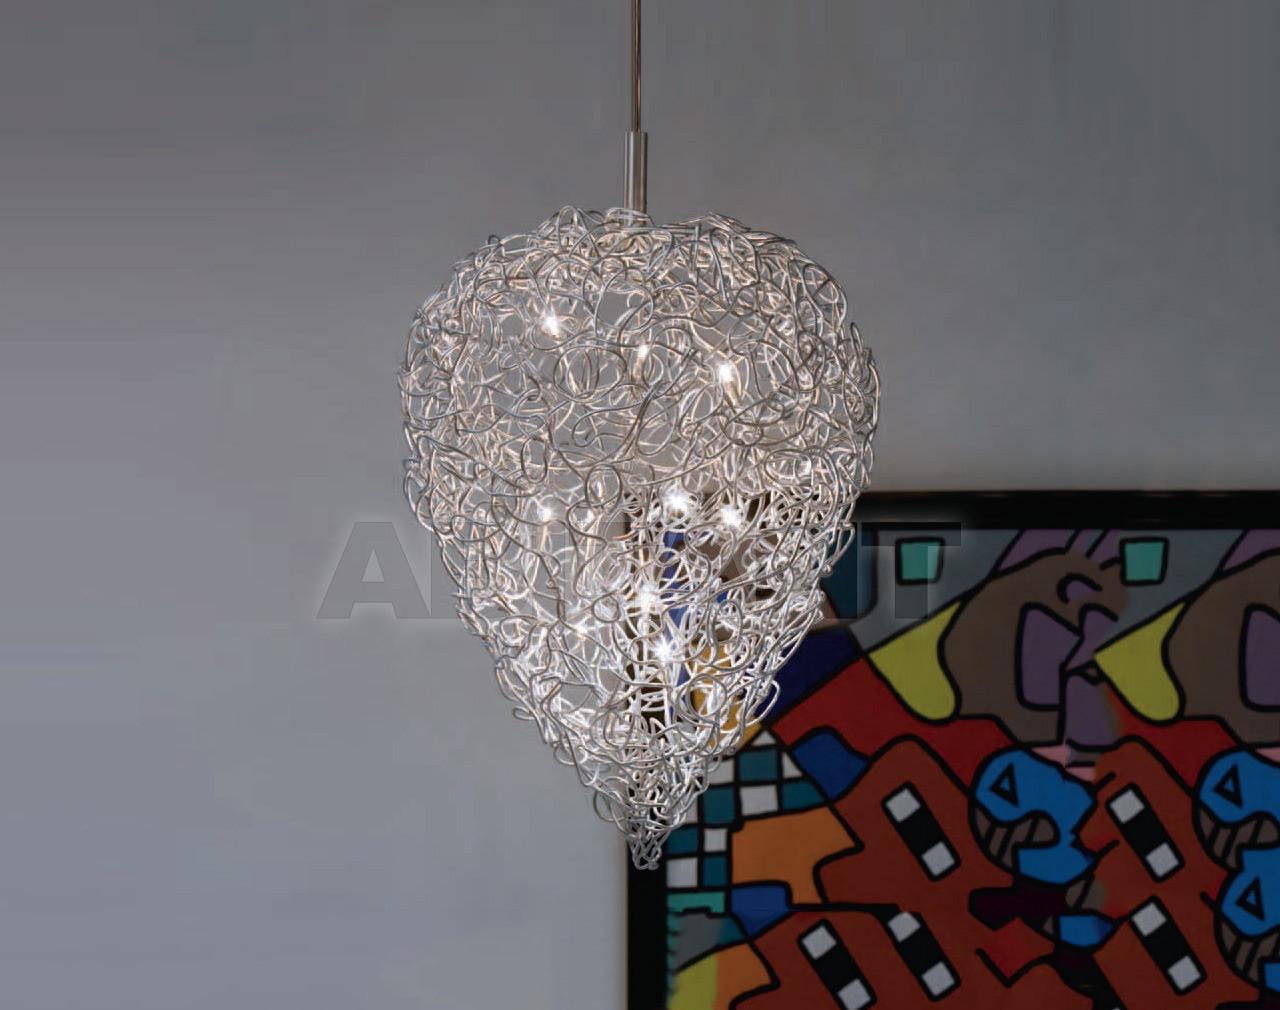 Купить Светильник Harco Loor Design B.V. 2010 CARROT hl 14